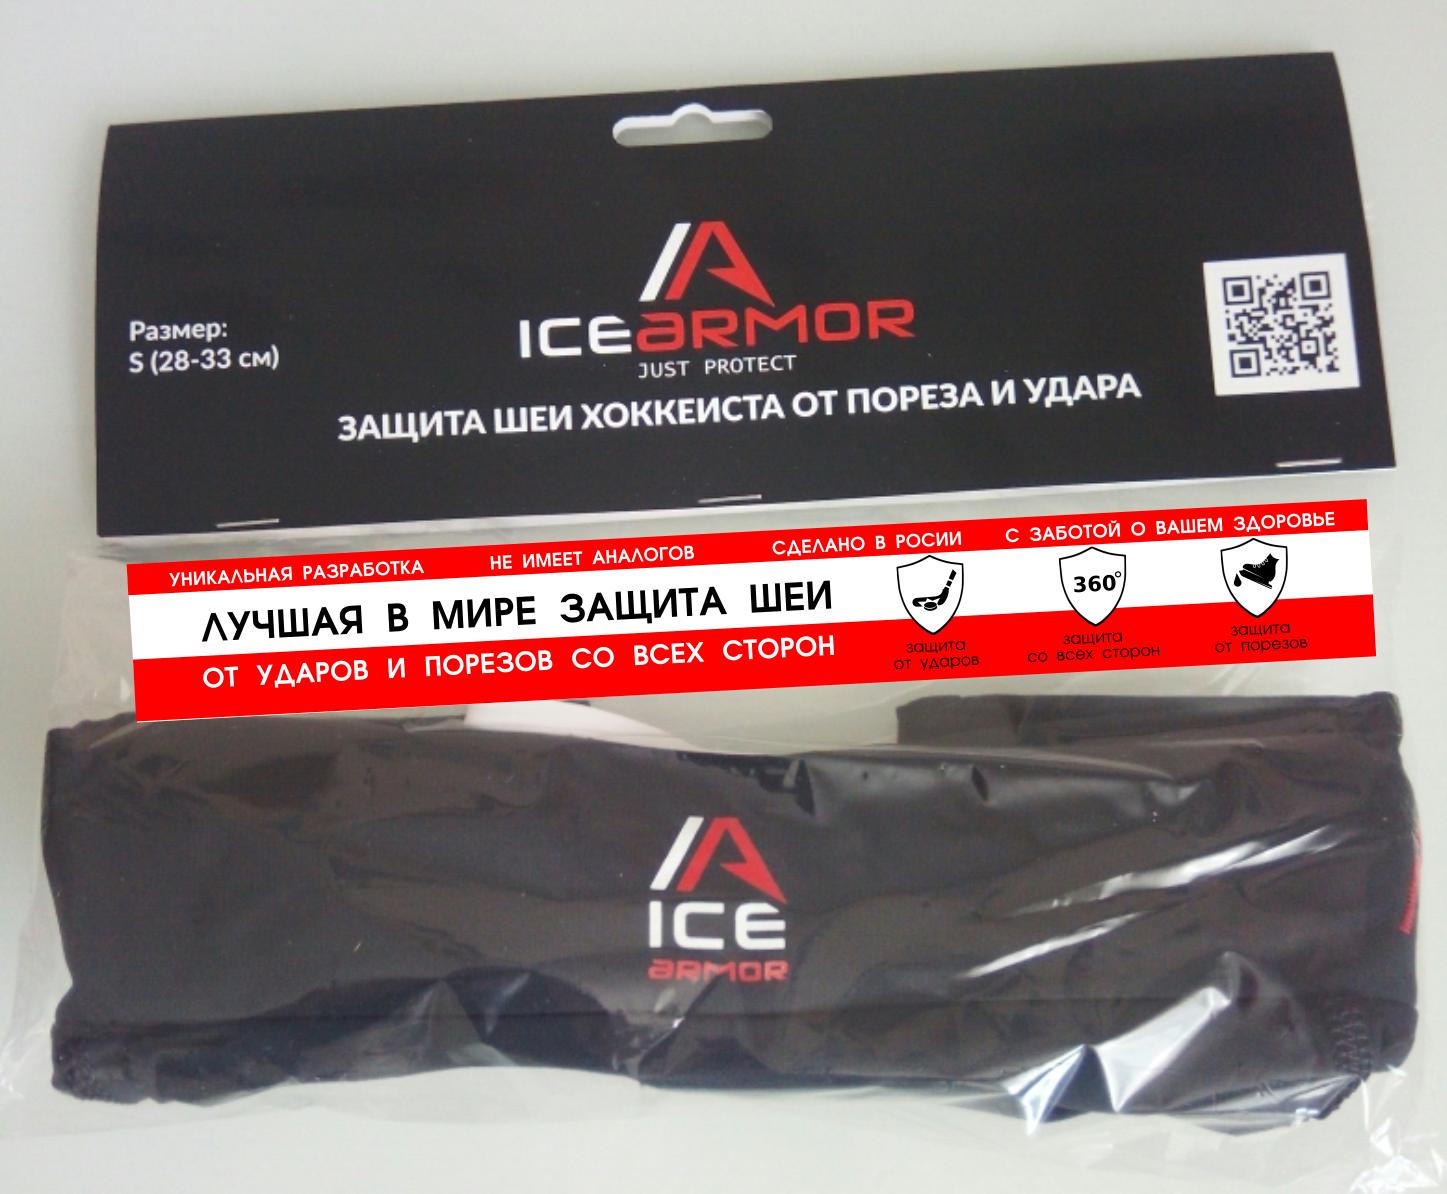 Дизайн продающей наклейки на упаковку уникального продукта фото f_2365b2209d4463cb.png